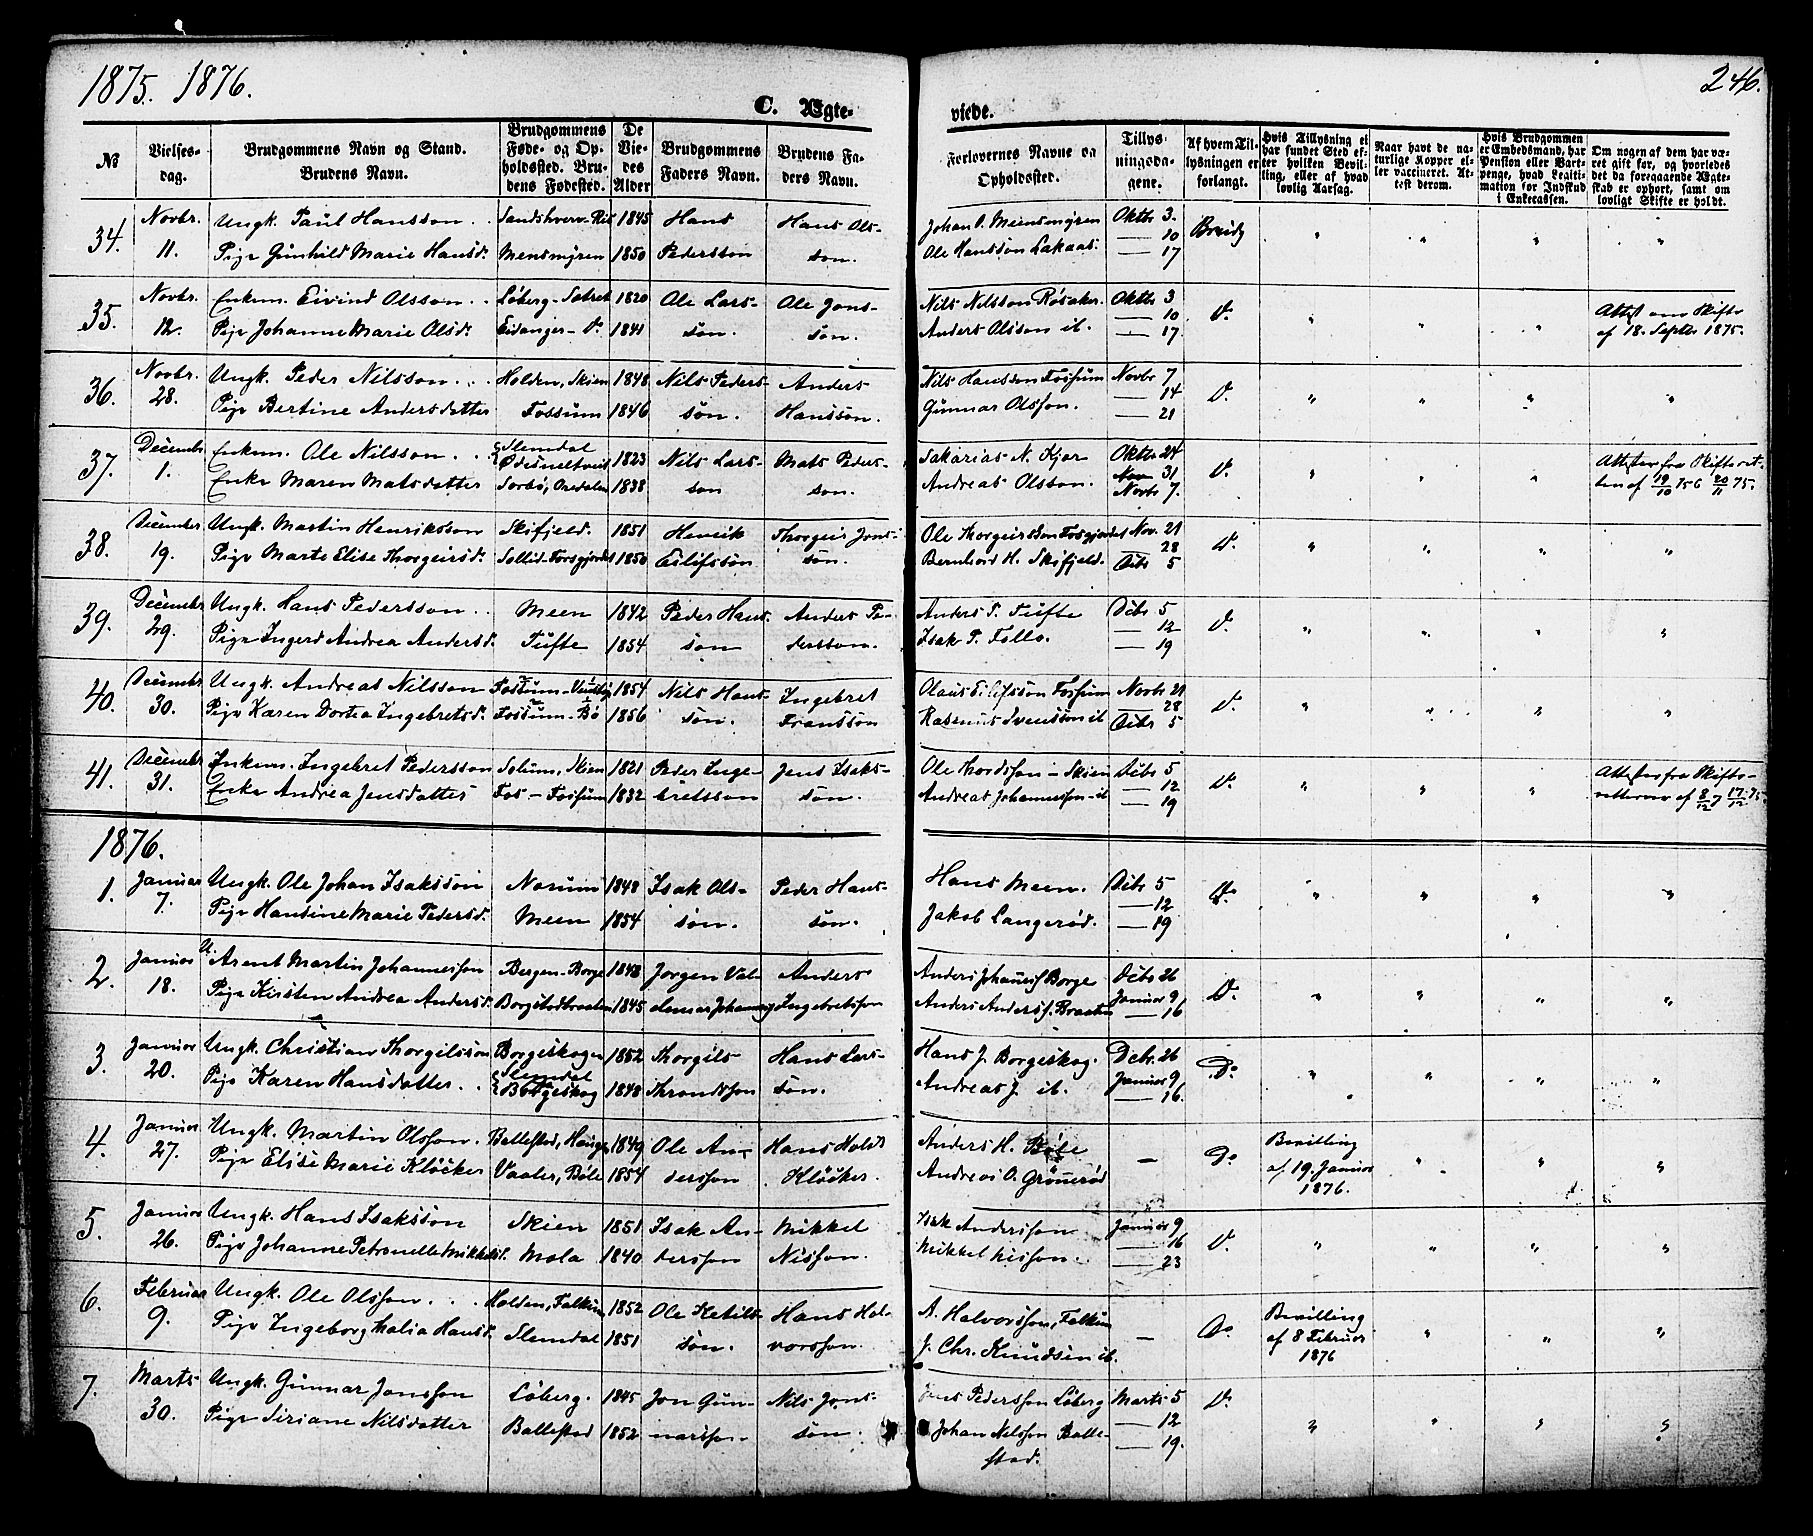 SAKO, Gjerpen kirkebøker, F/Fa/L0009: Ministerialbok nr. 9, 1872-1885, s. 246